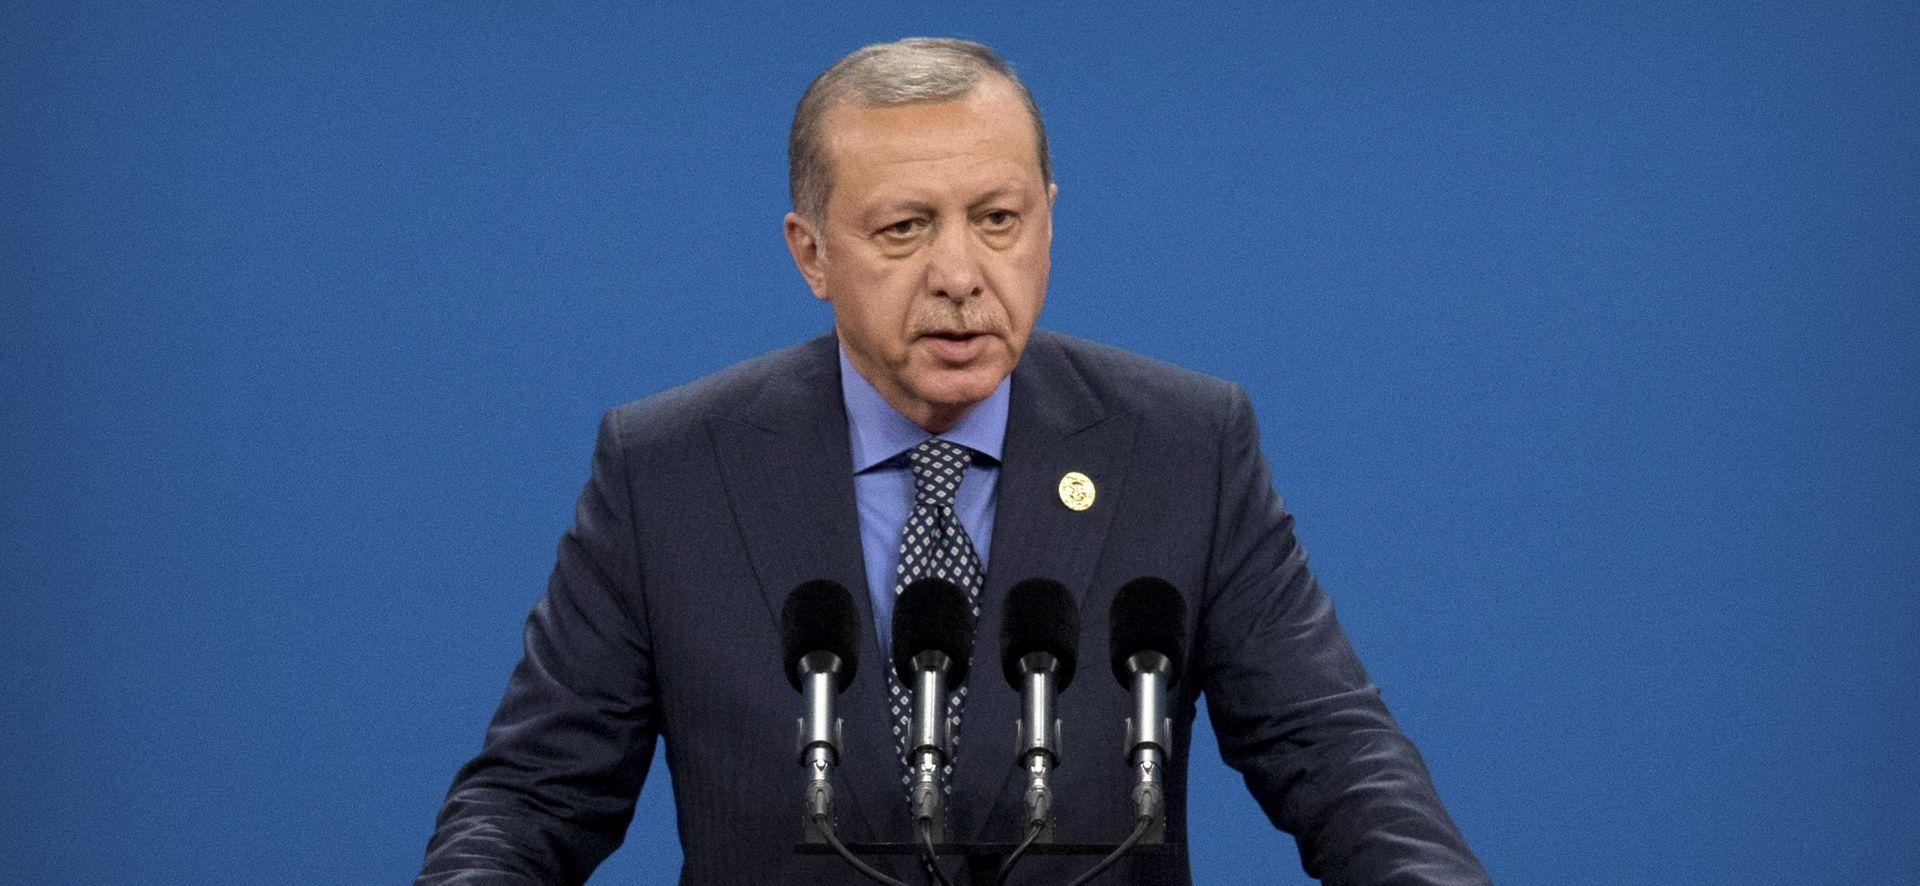 Turska reintegrirala više od 1800 dužnosnika otpuštenih nakon neuspjela puča